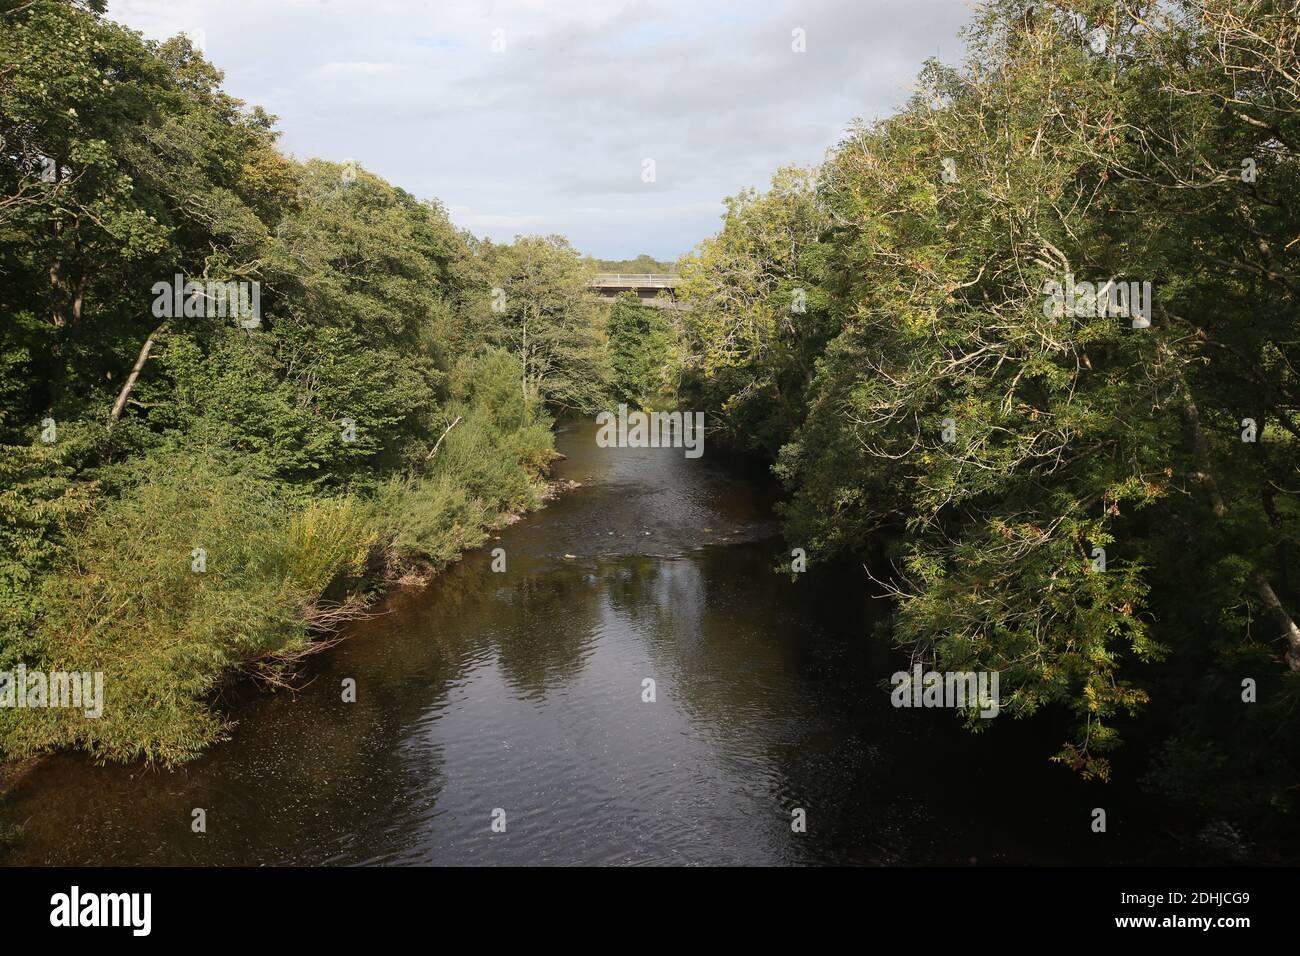 La rivière Coquet passe sous le pont routier A697 au pont Weldon. Samedi 3 octobre 2020. Banque D'Images